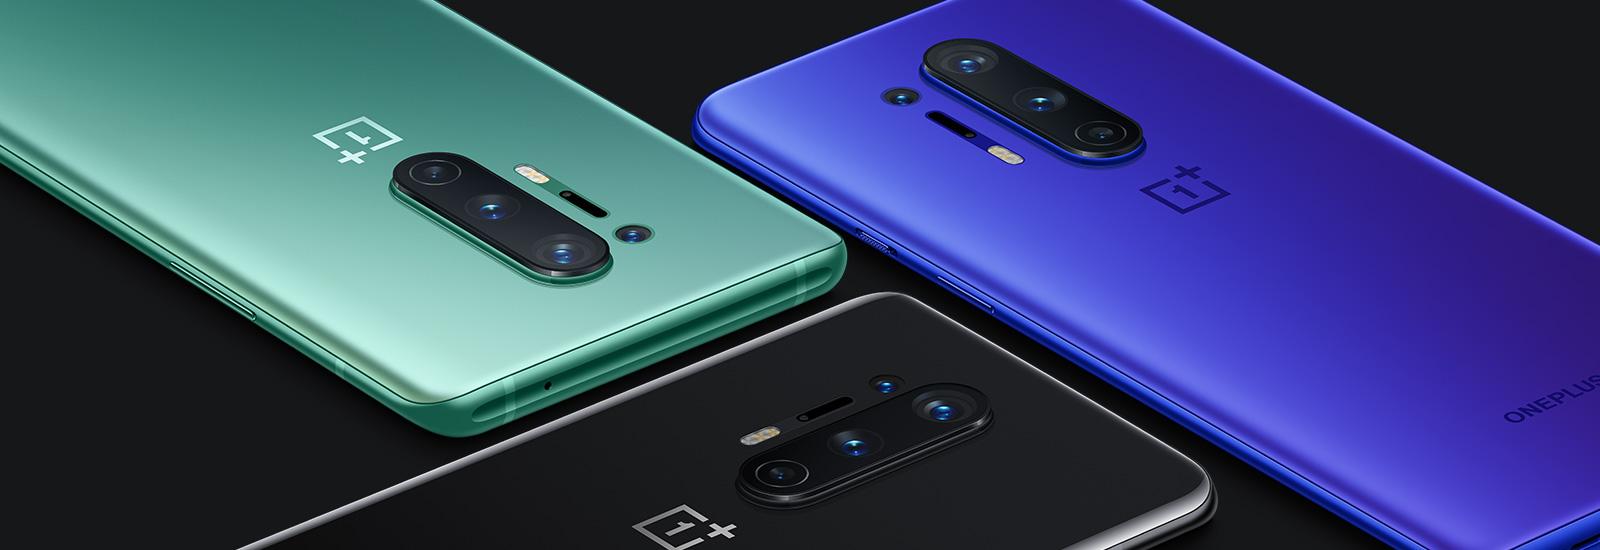 Nuovi OnePlus 8 e 8 Pro | Video e Specifiche complete